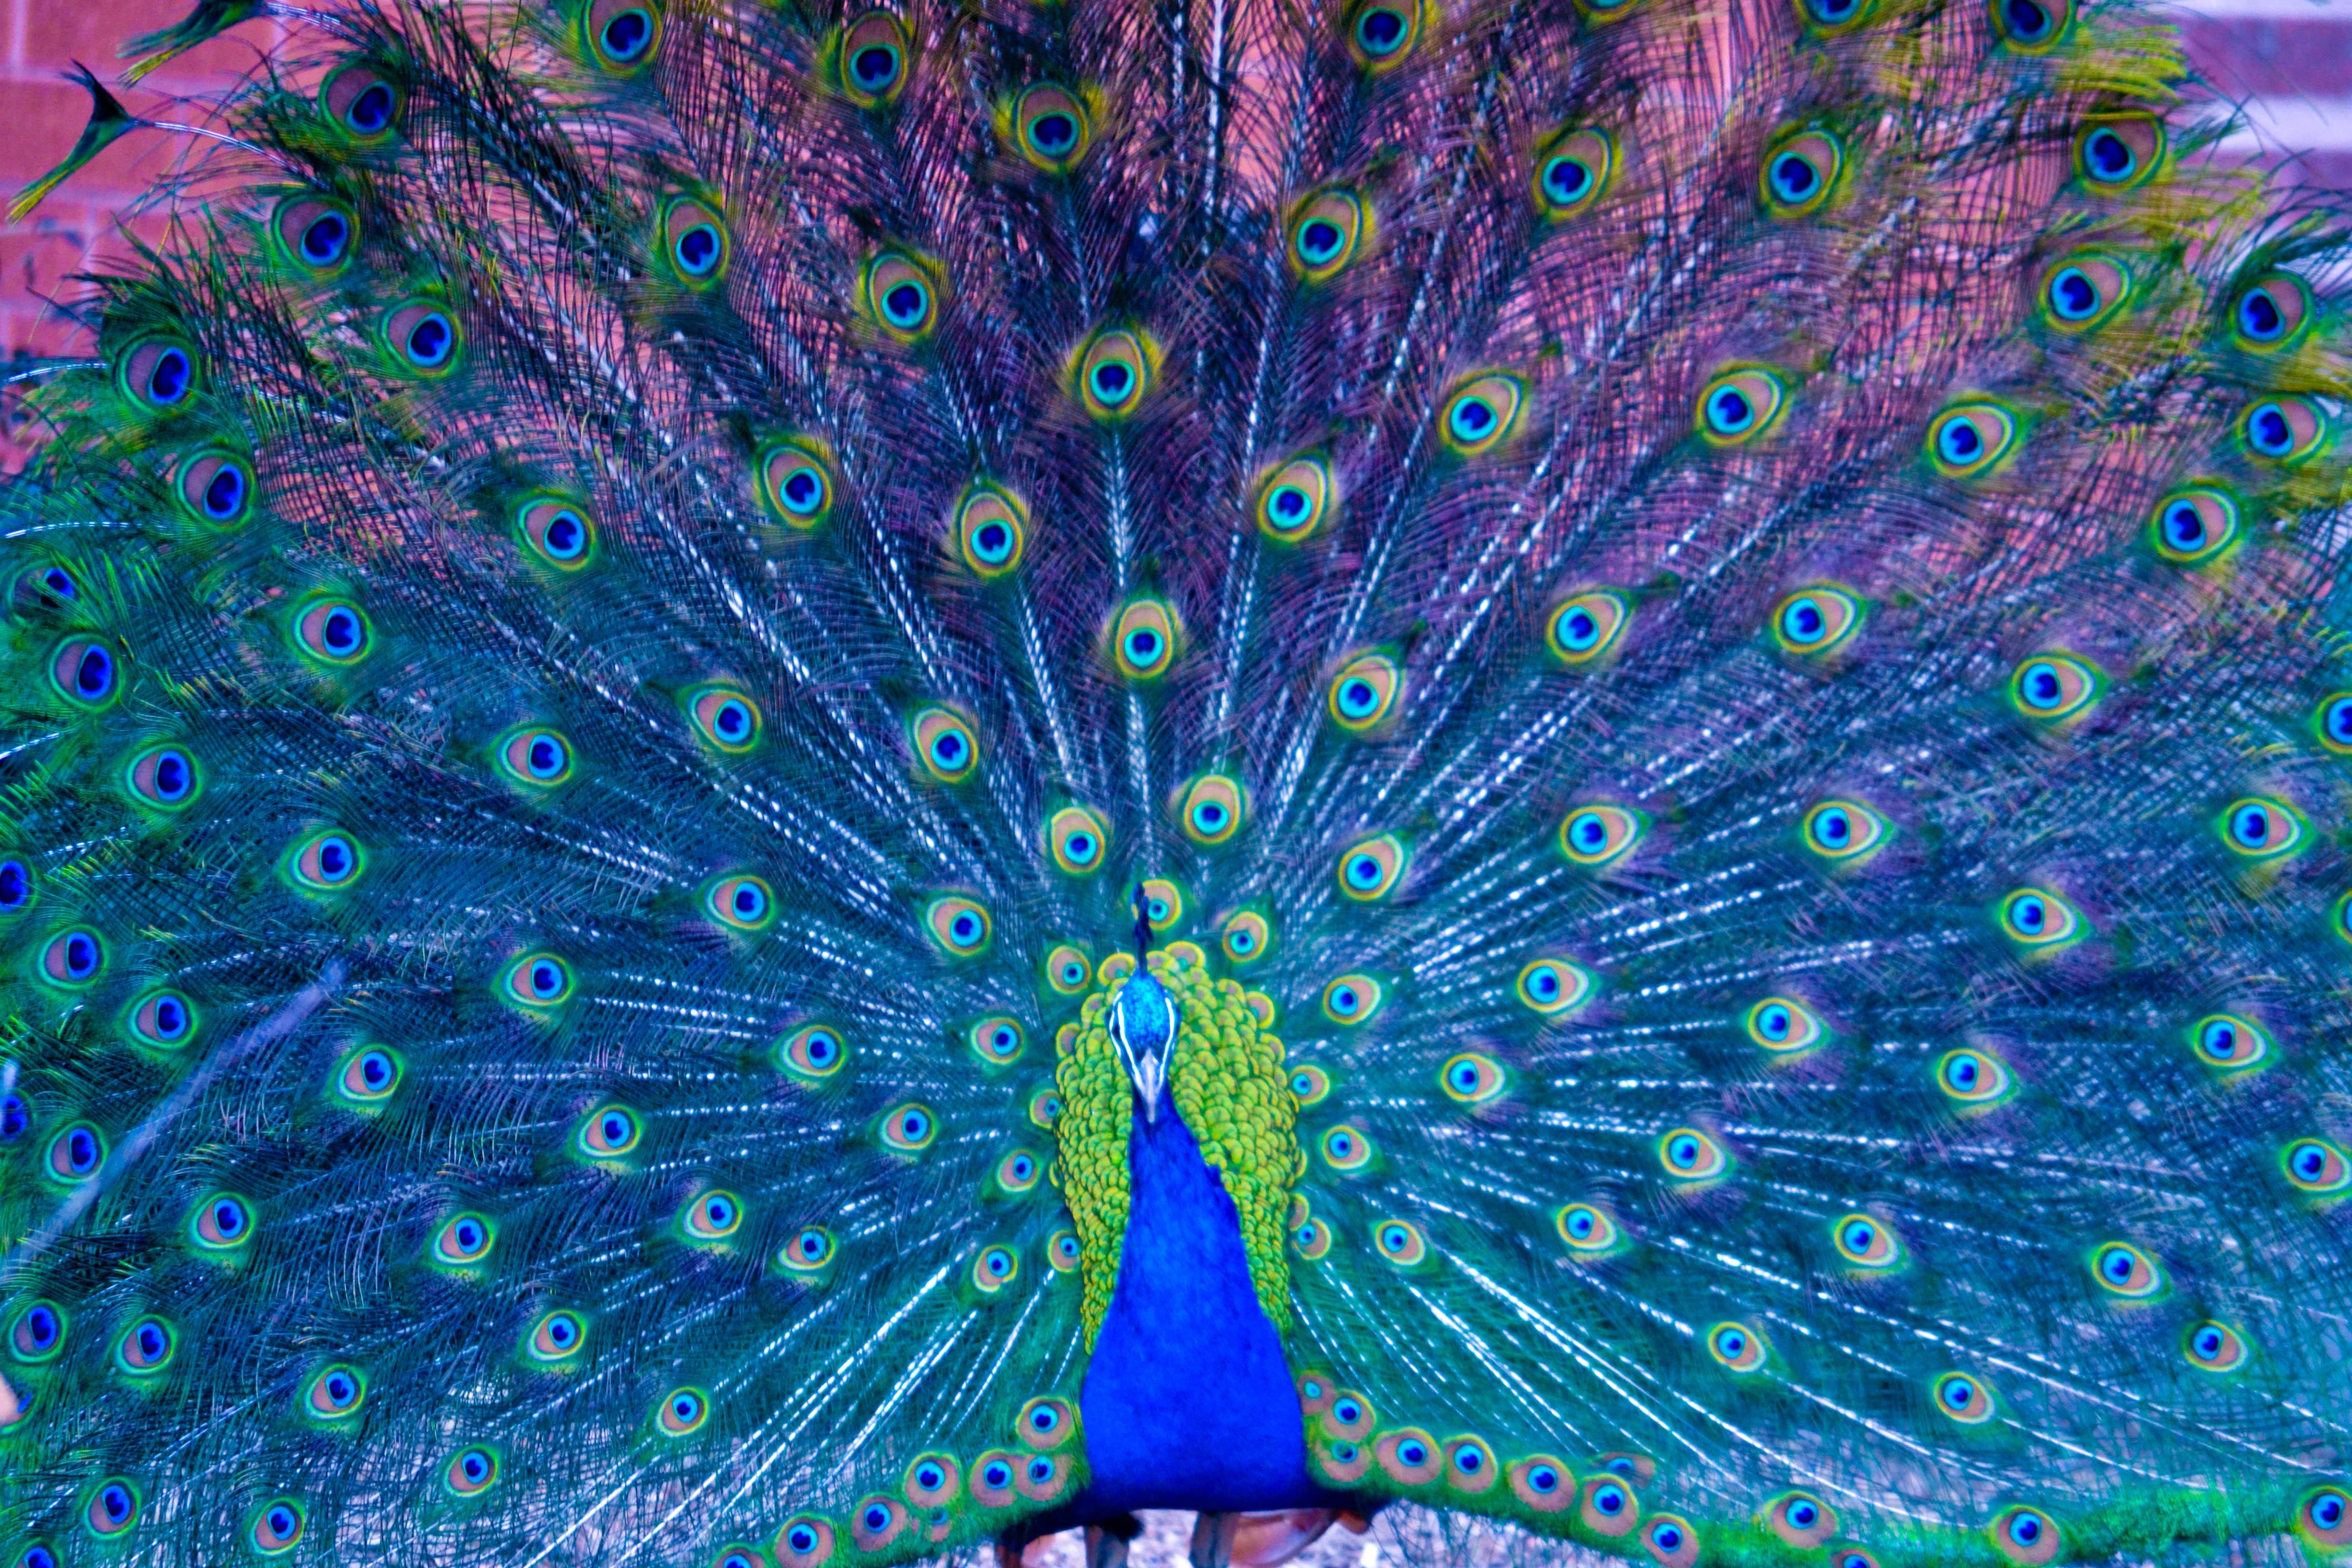 peacock hd wallpaper   wallpapersafari